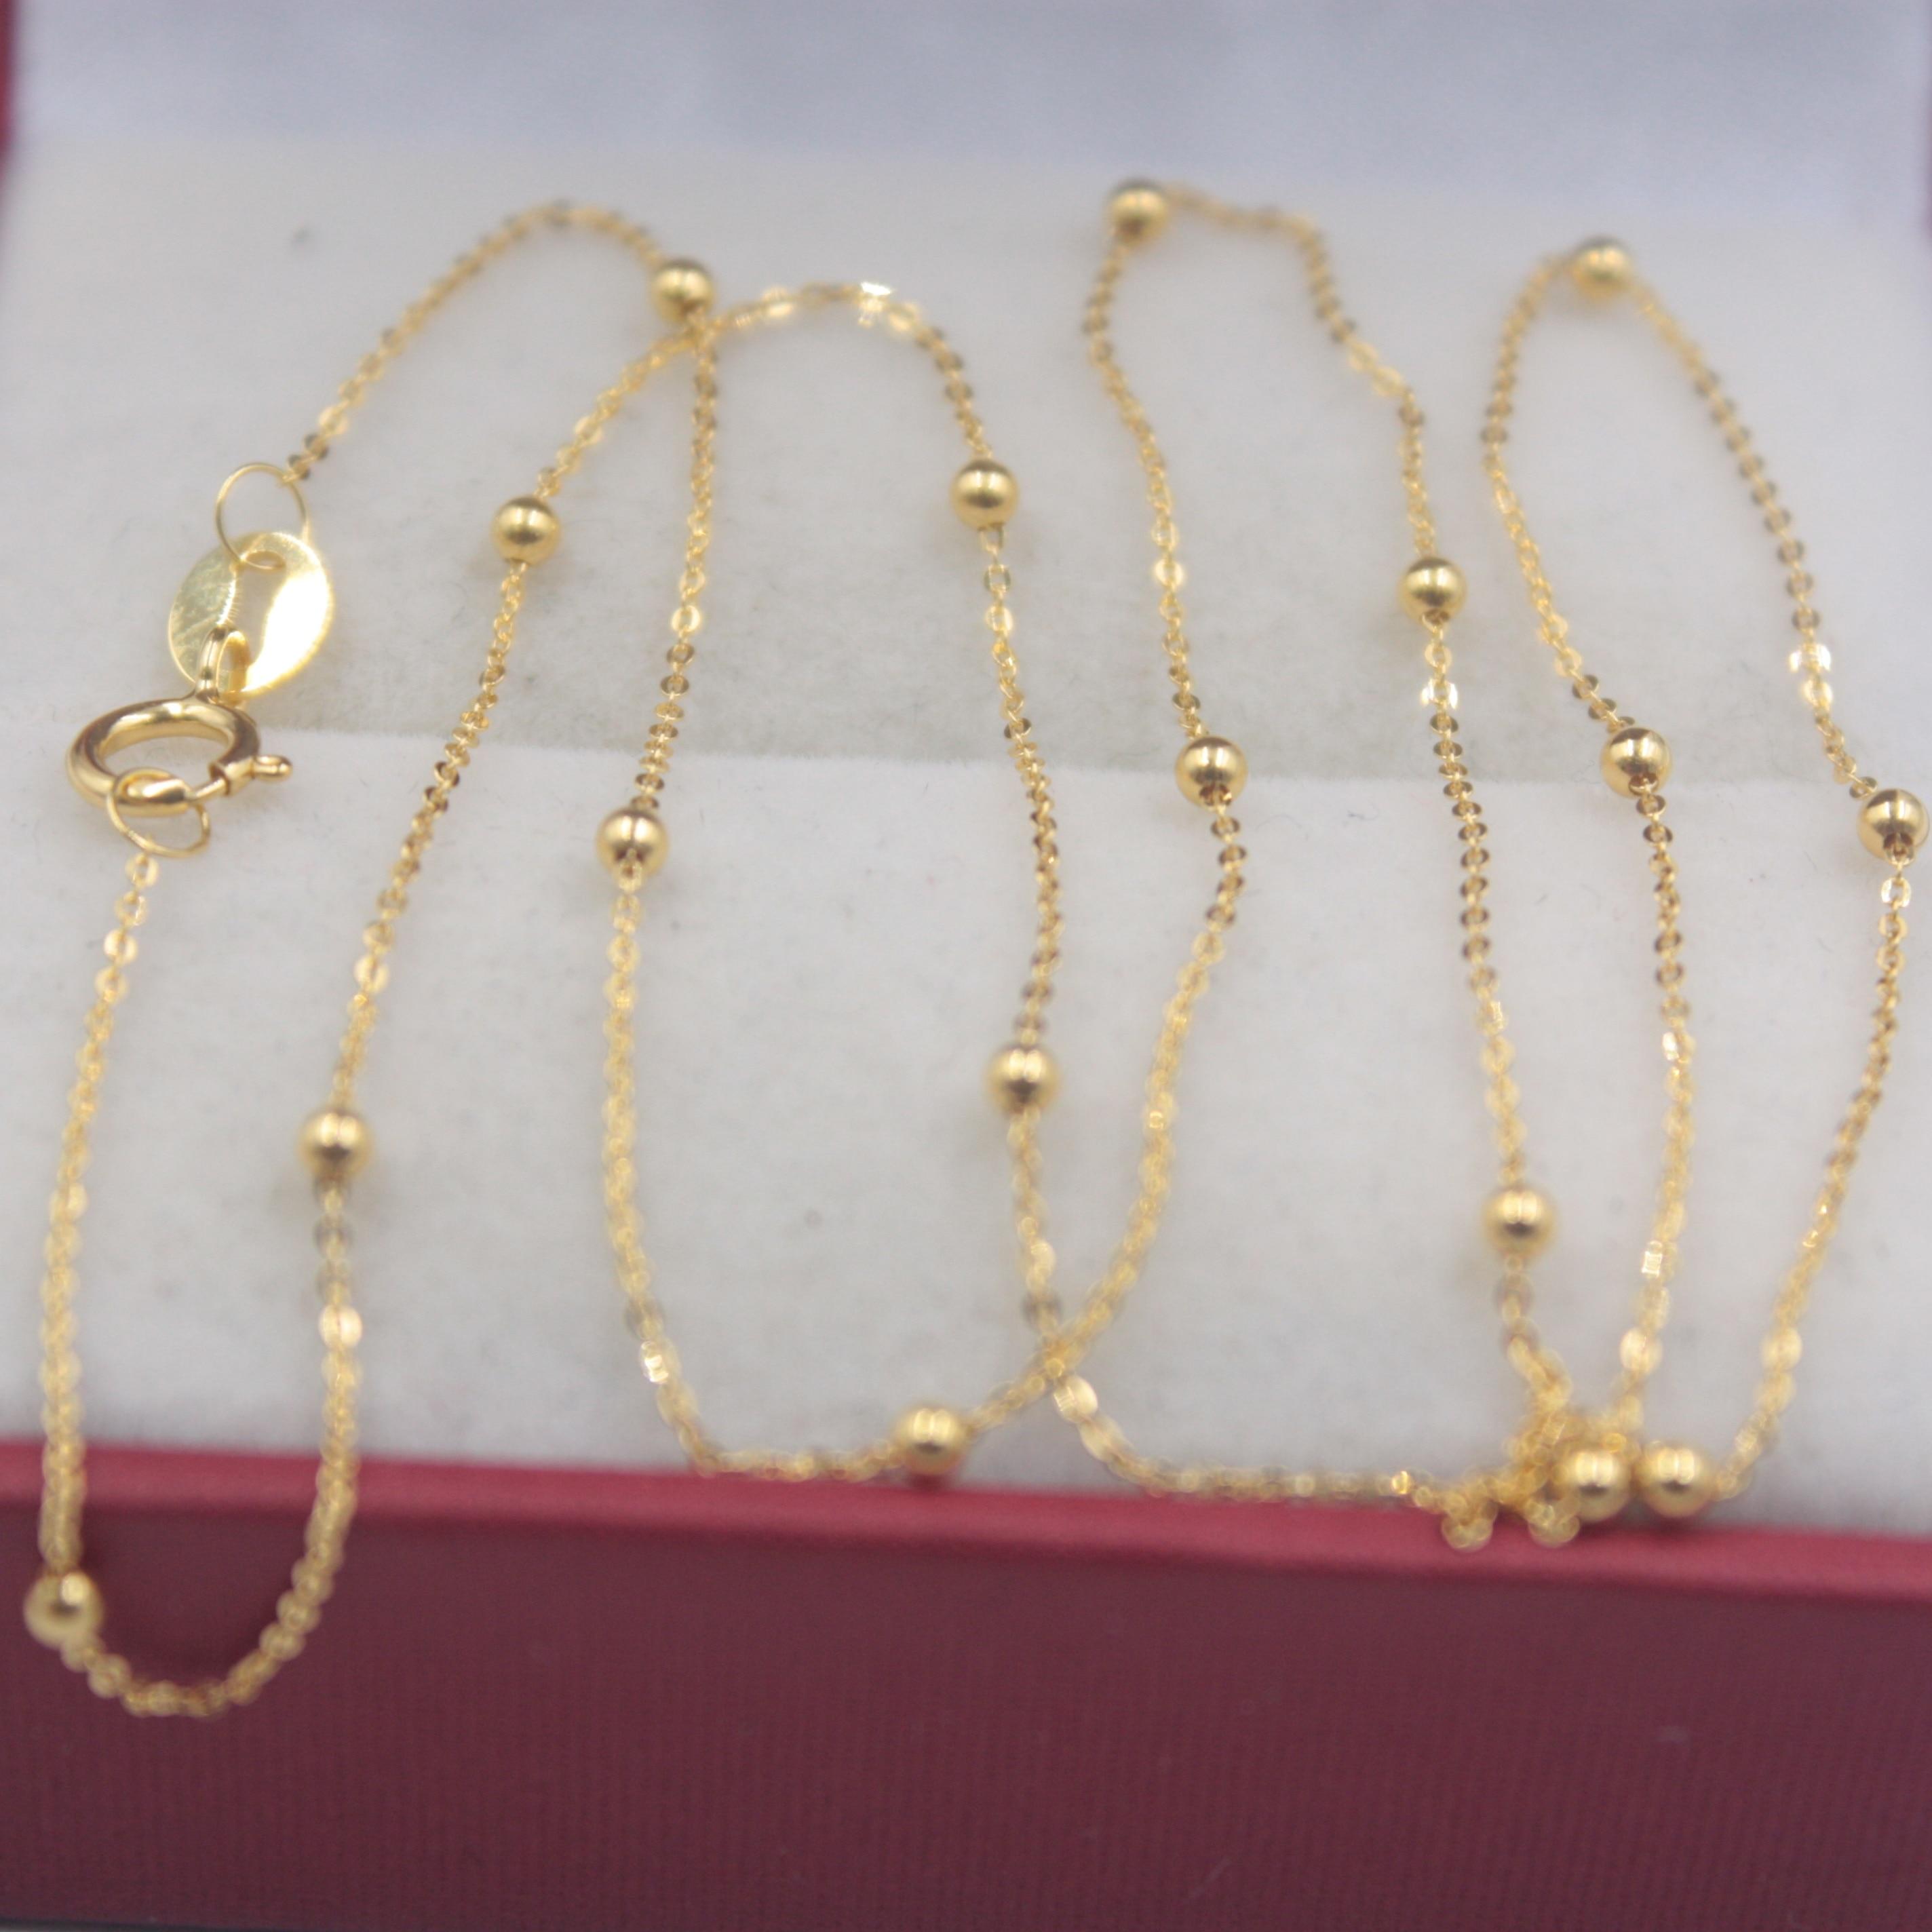 Véritable pur 18K or jaune chaîne 1.5mmW perle O Rolo lien femme riche meilleur cadeau collier ami cadeau femme fille chaîne